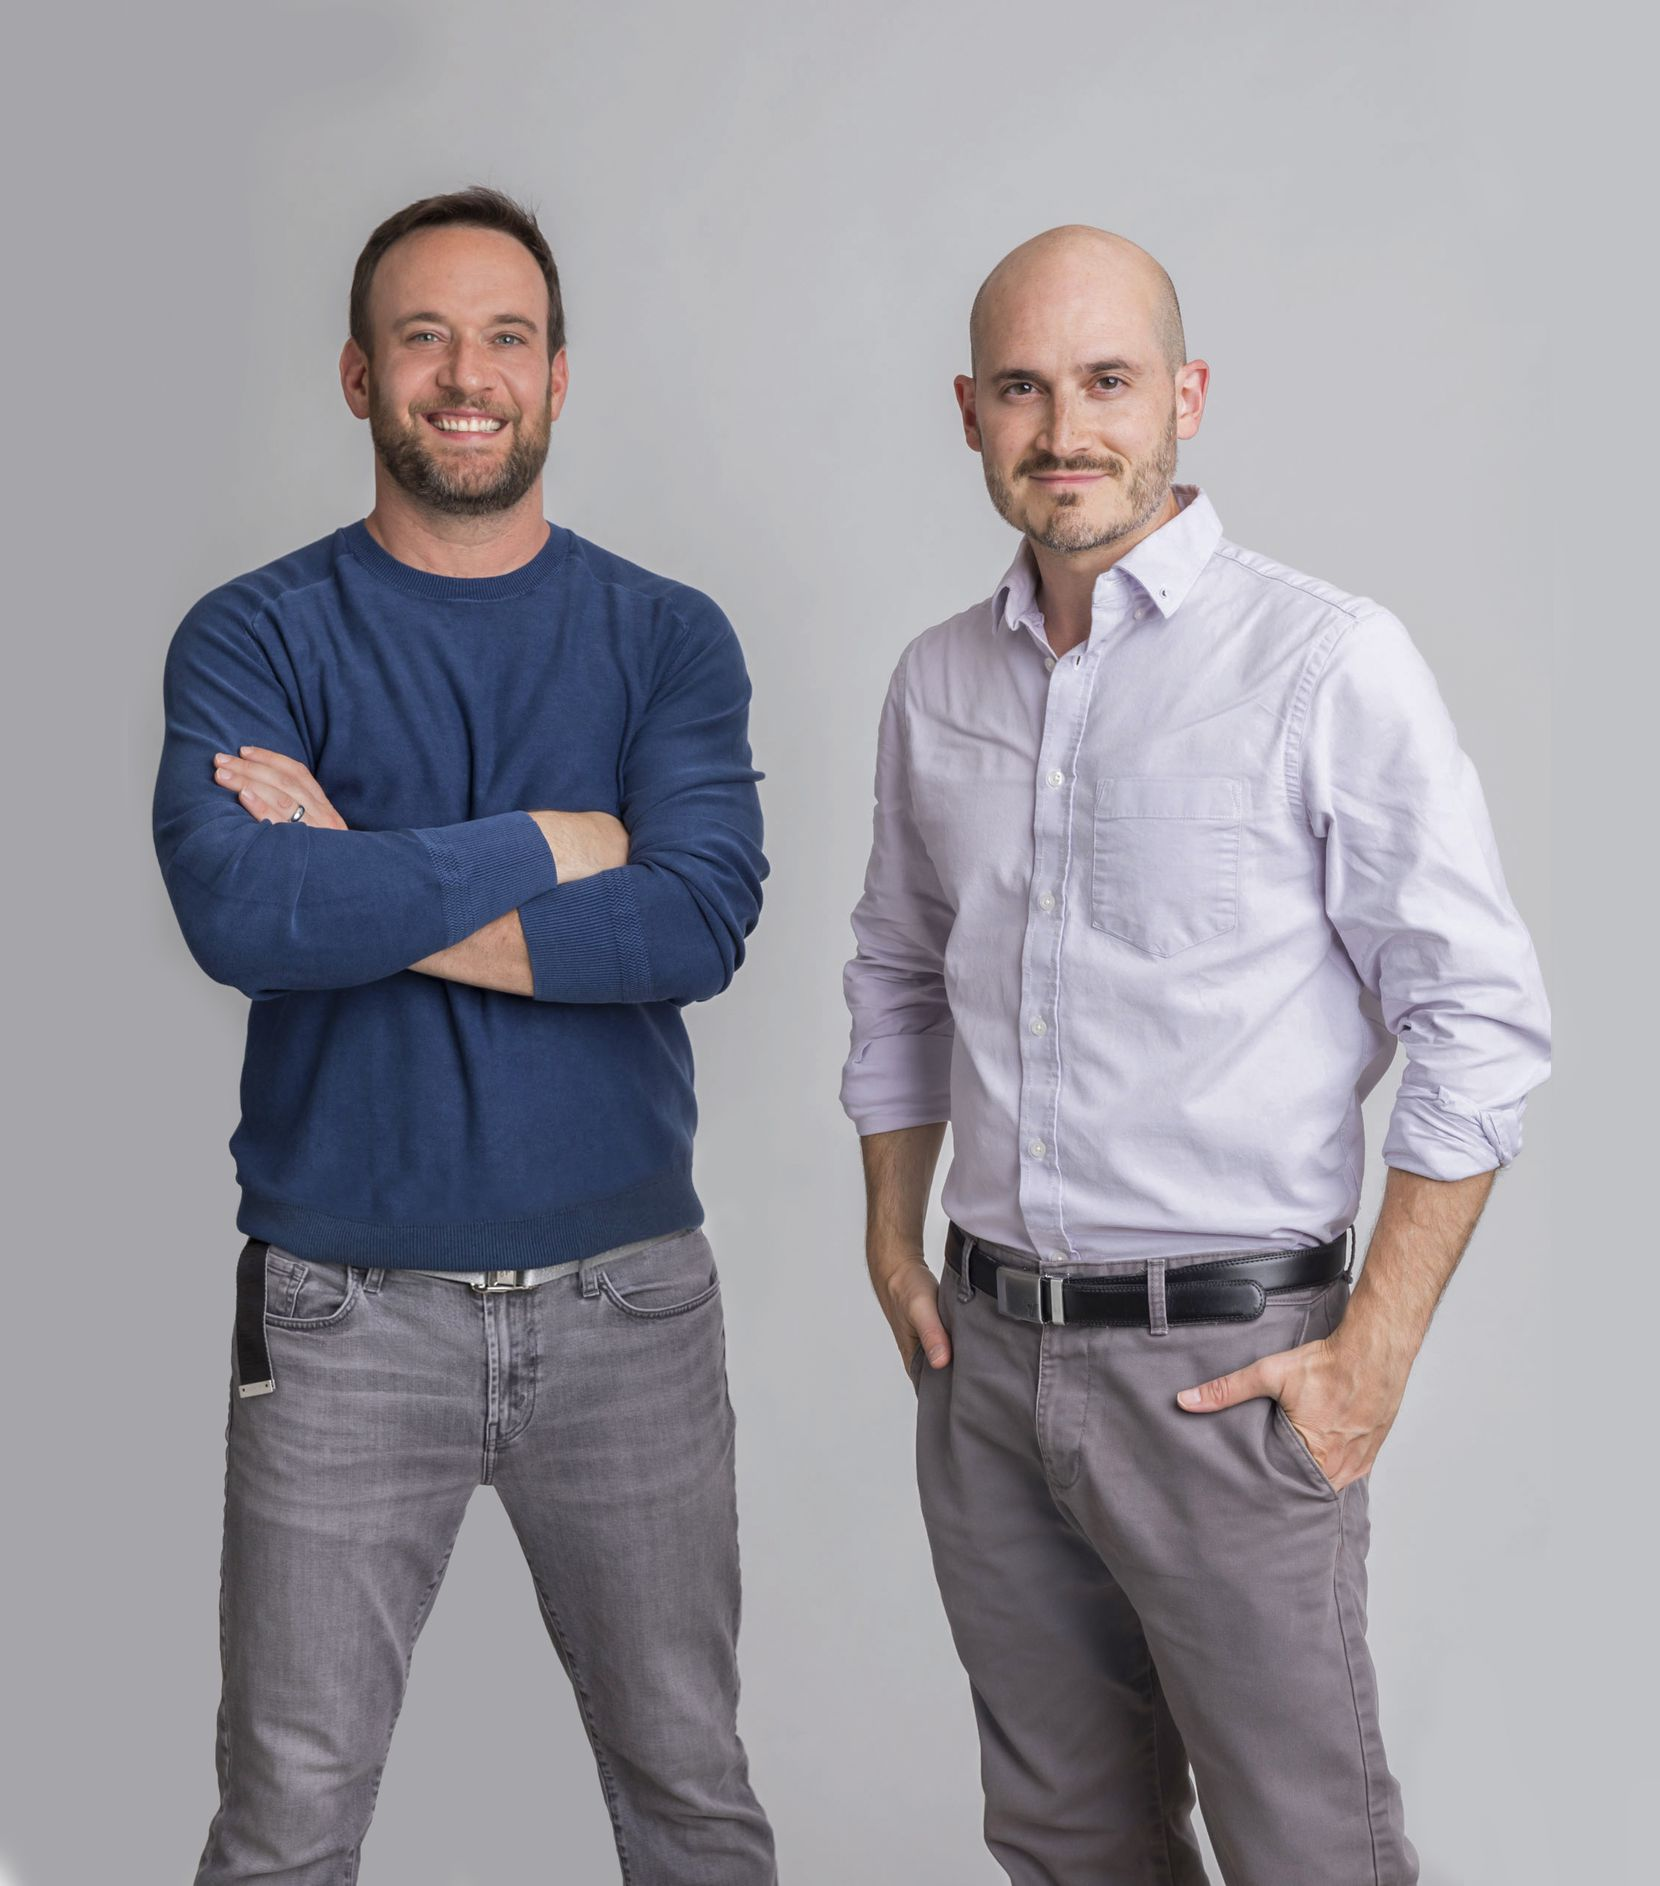 VENN co-founders Ben Kusin, left, and Ariel Horn, right.